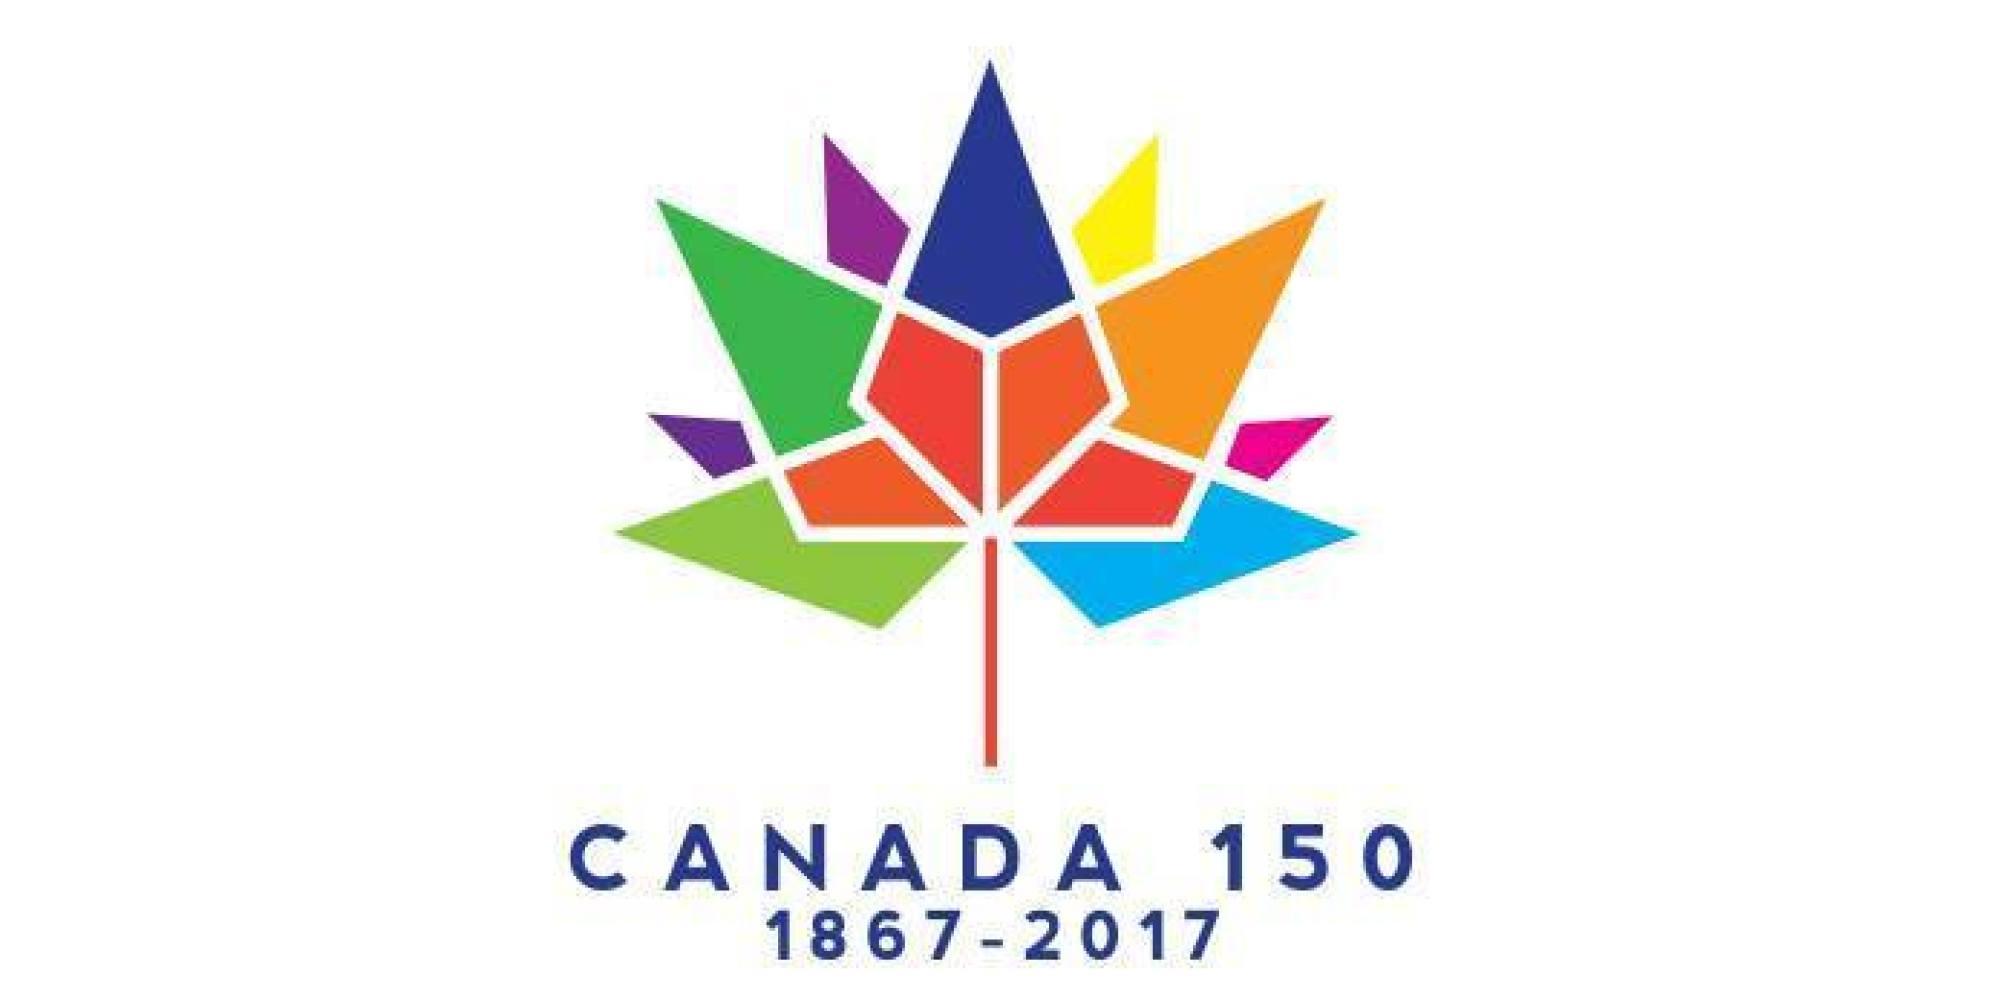 Estiman costo de celebraciones e infrastructura por los 150 años de Canadá en $500 millones